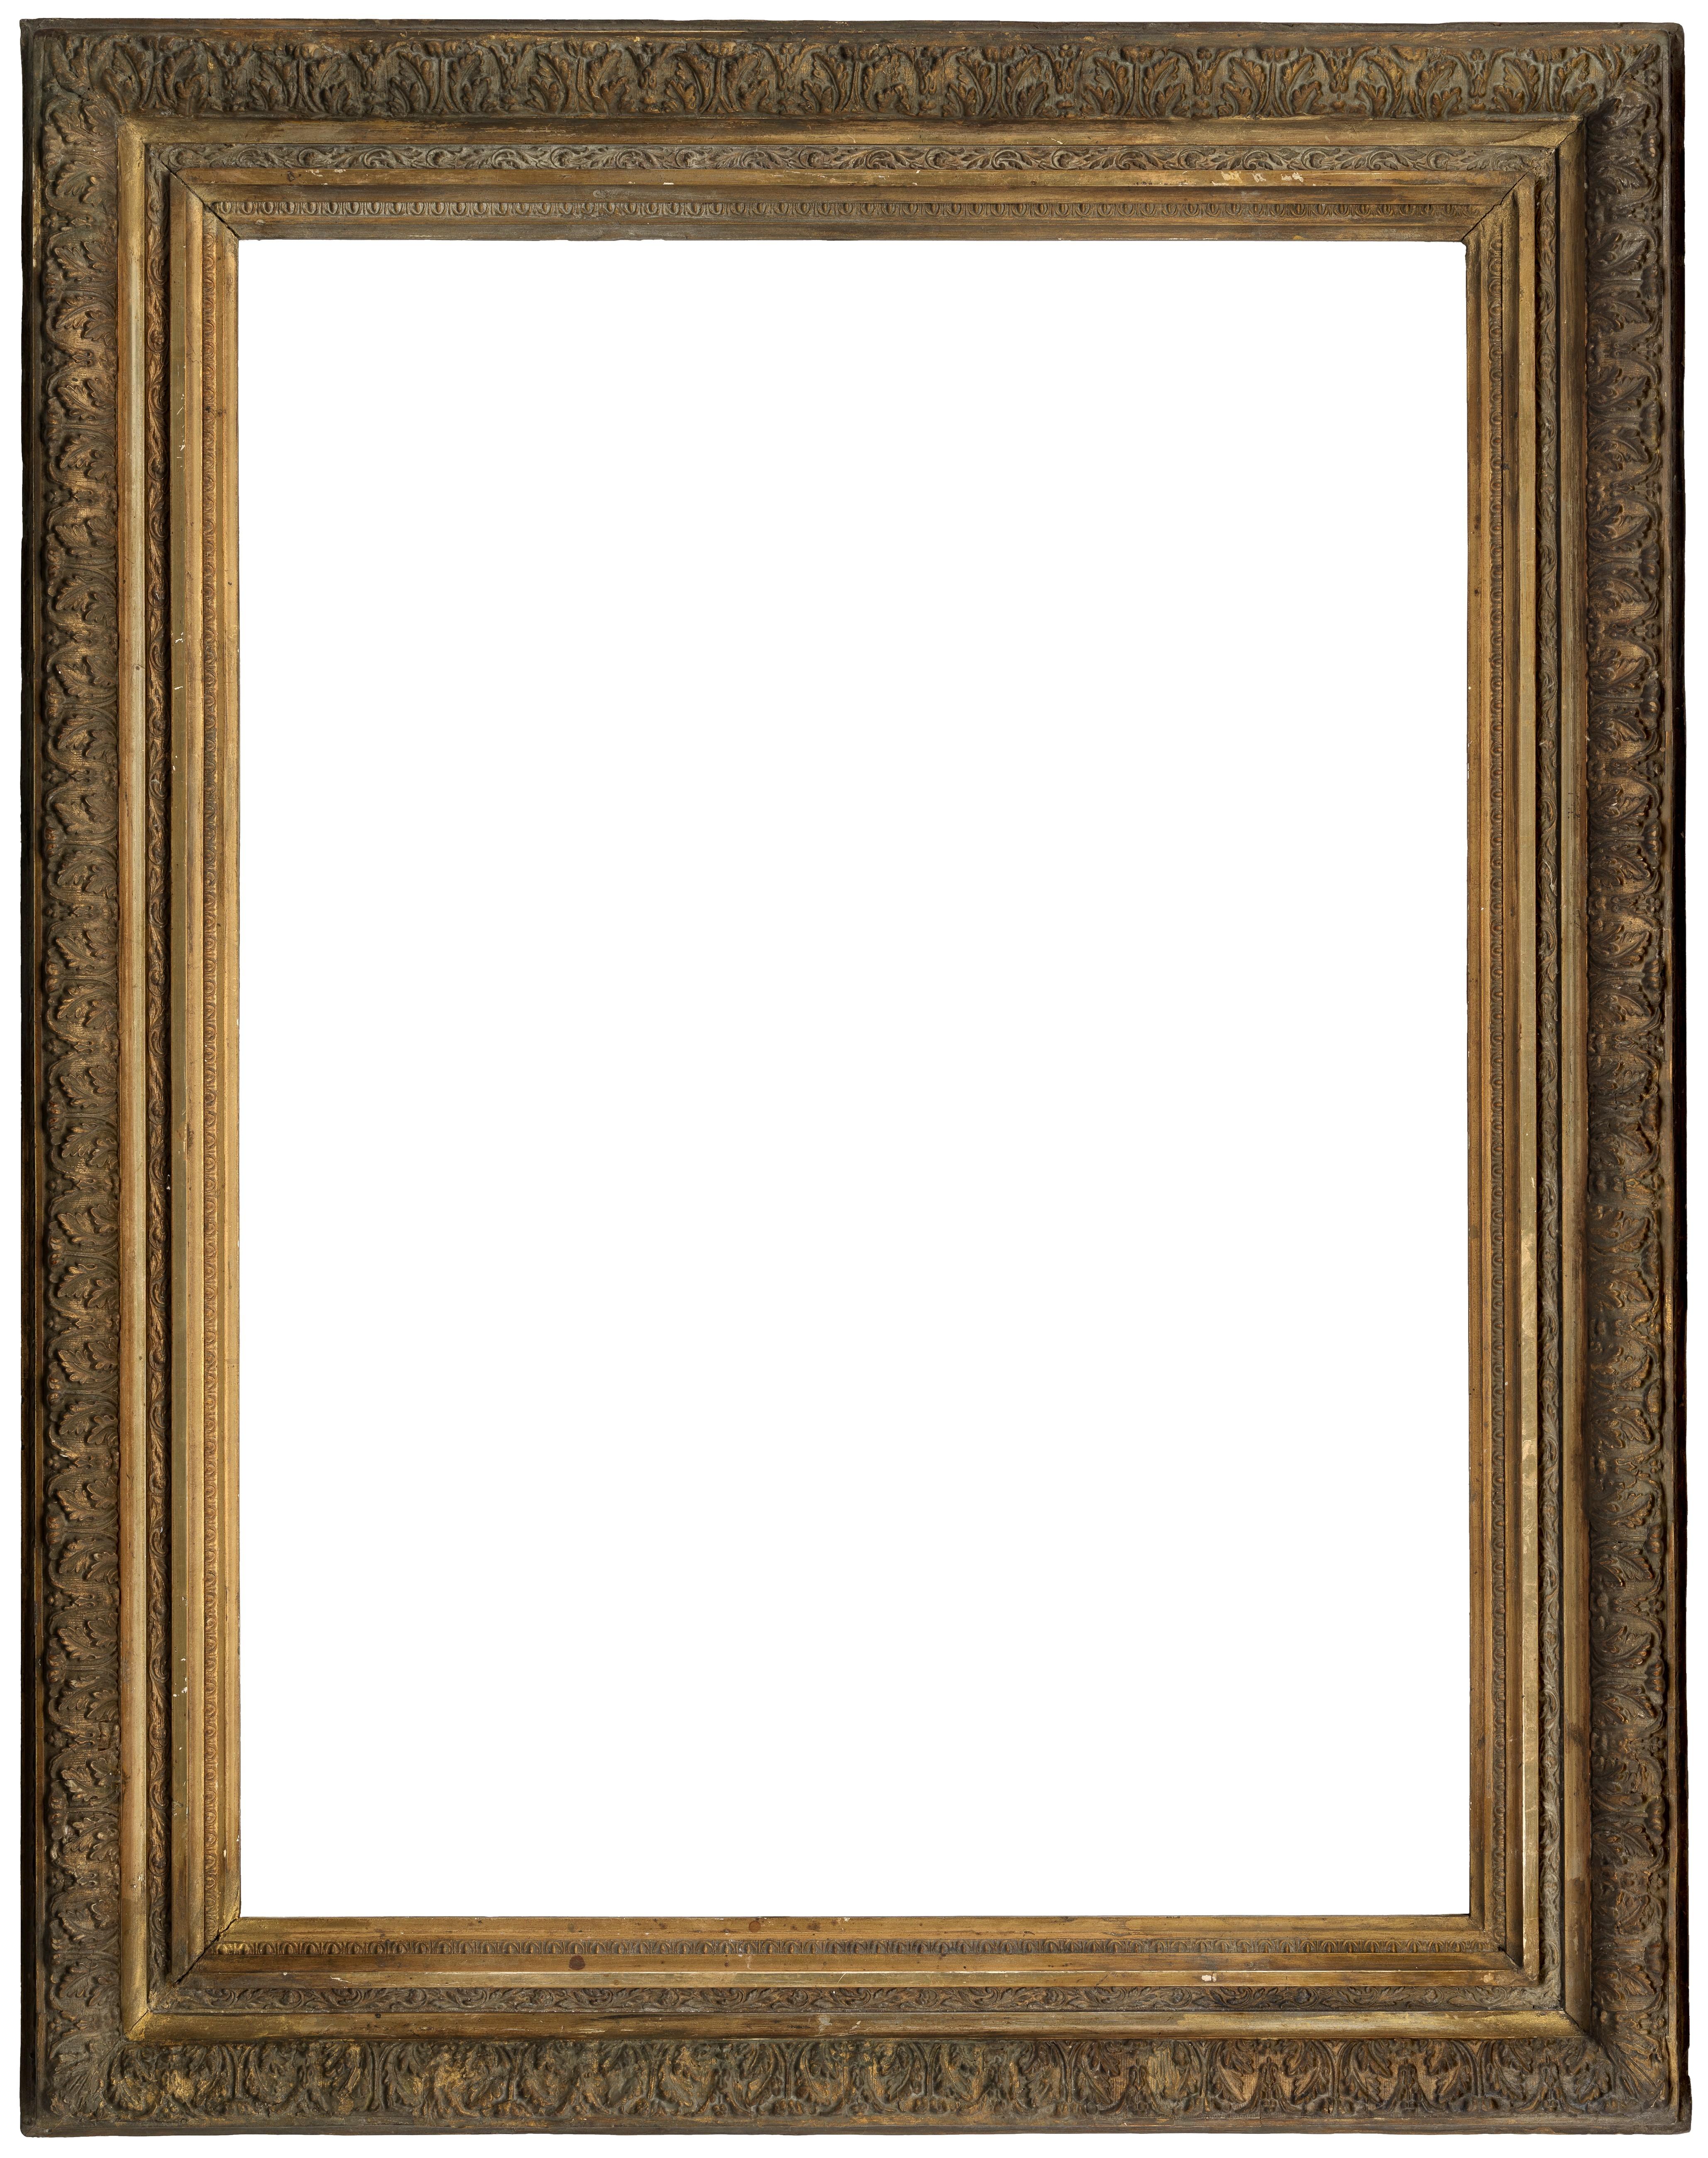 frames framing and reframing